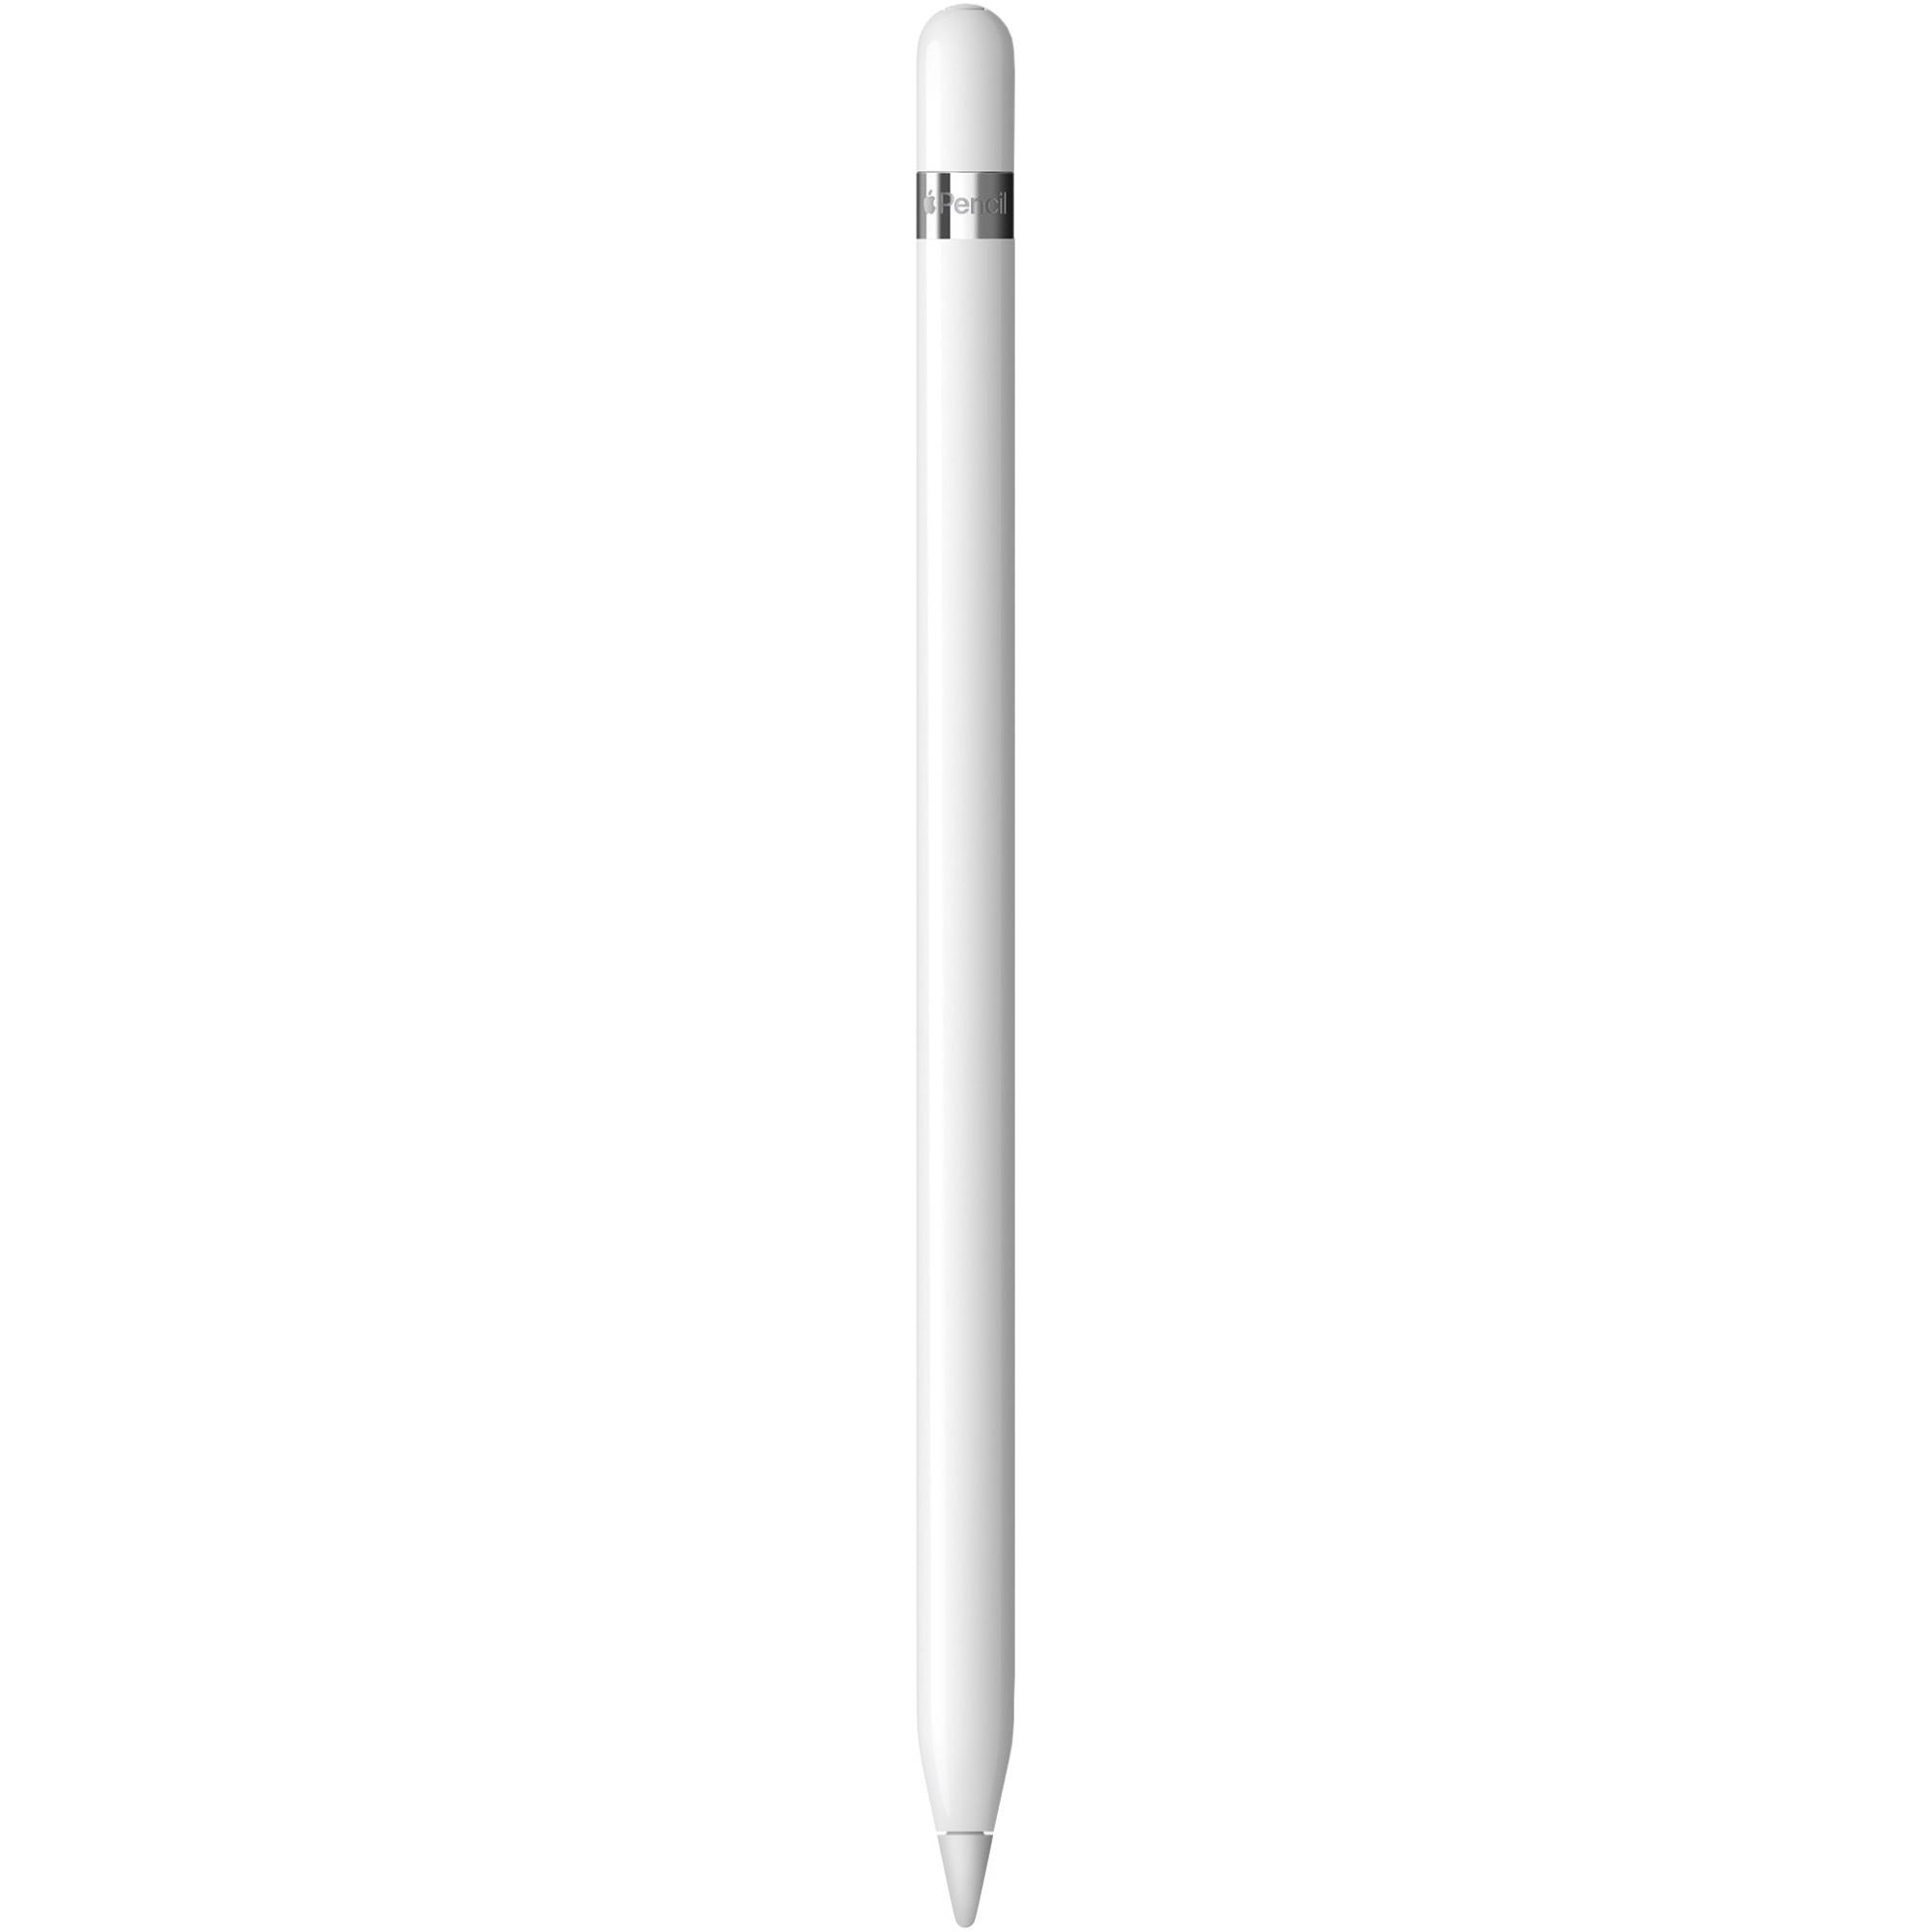 Fotografie Stylus Apple Pencil pentru iPad (generatia 1)